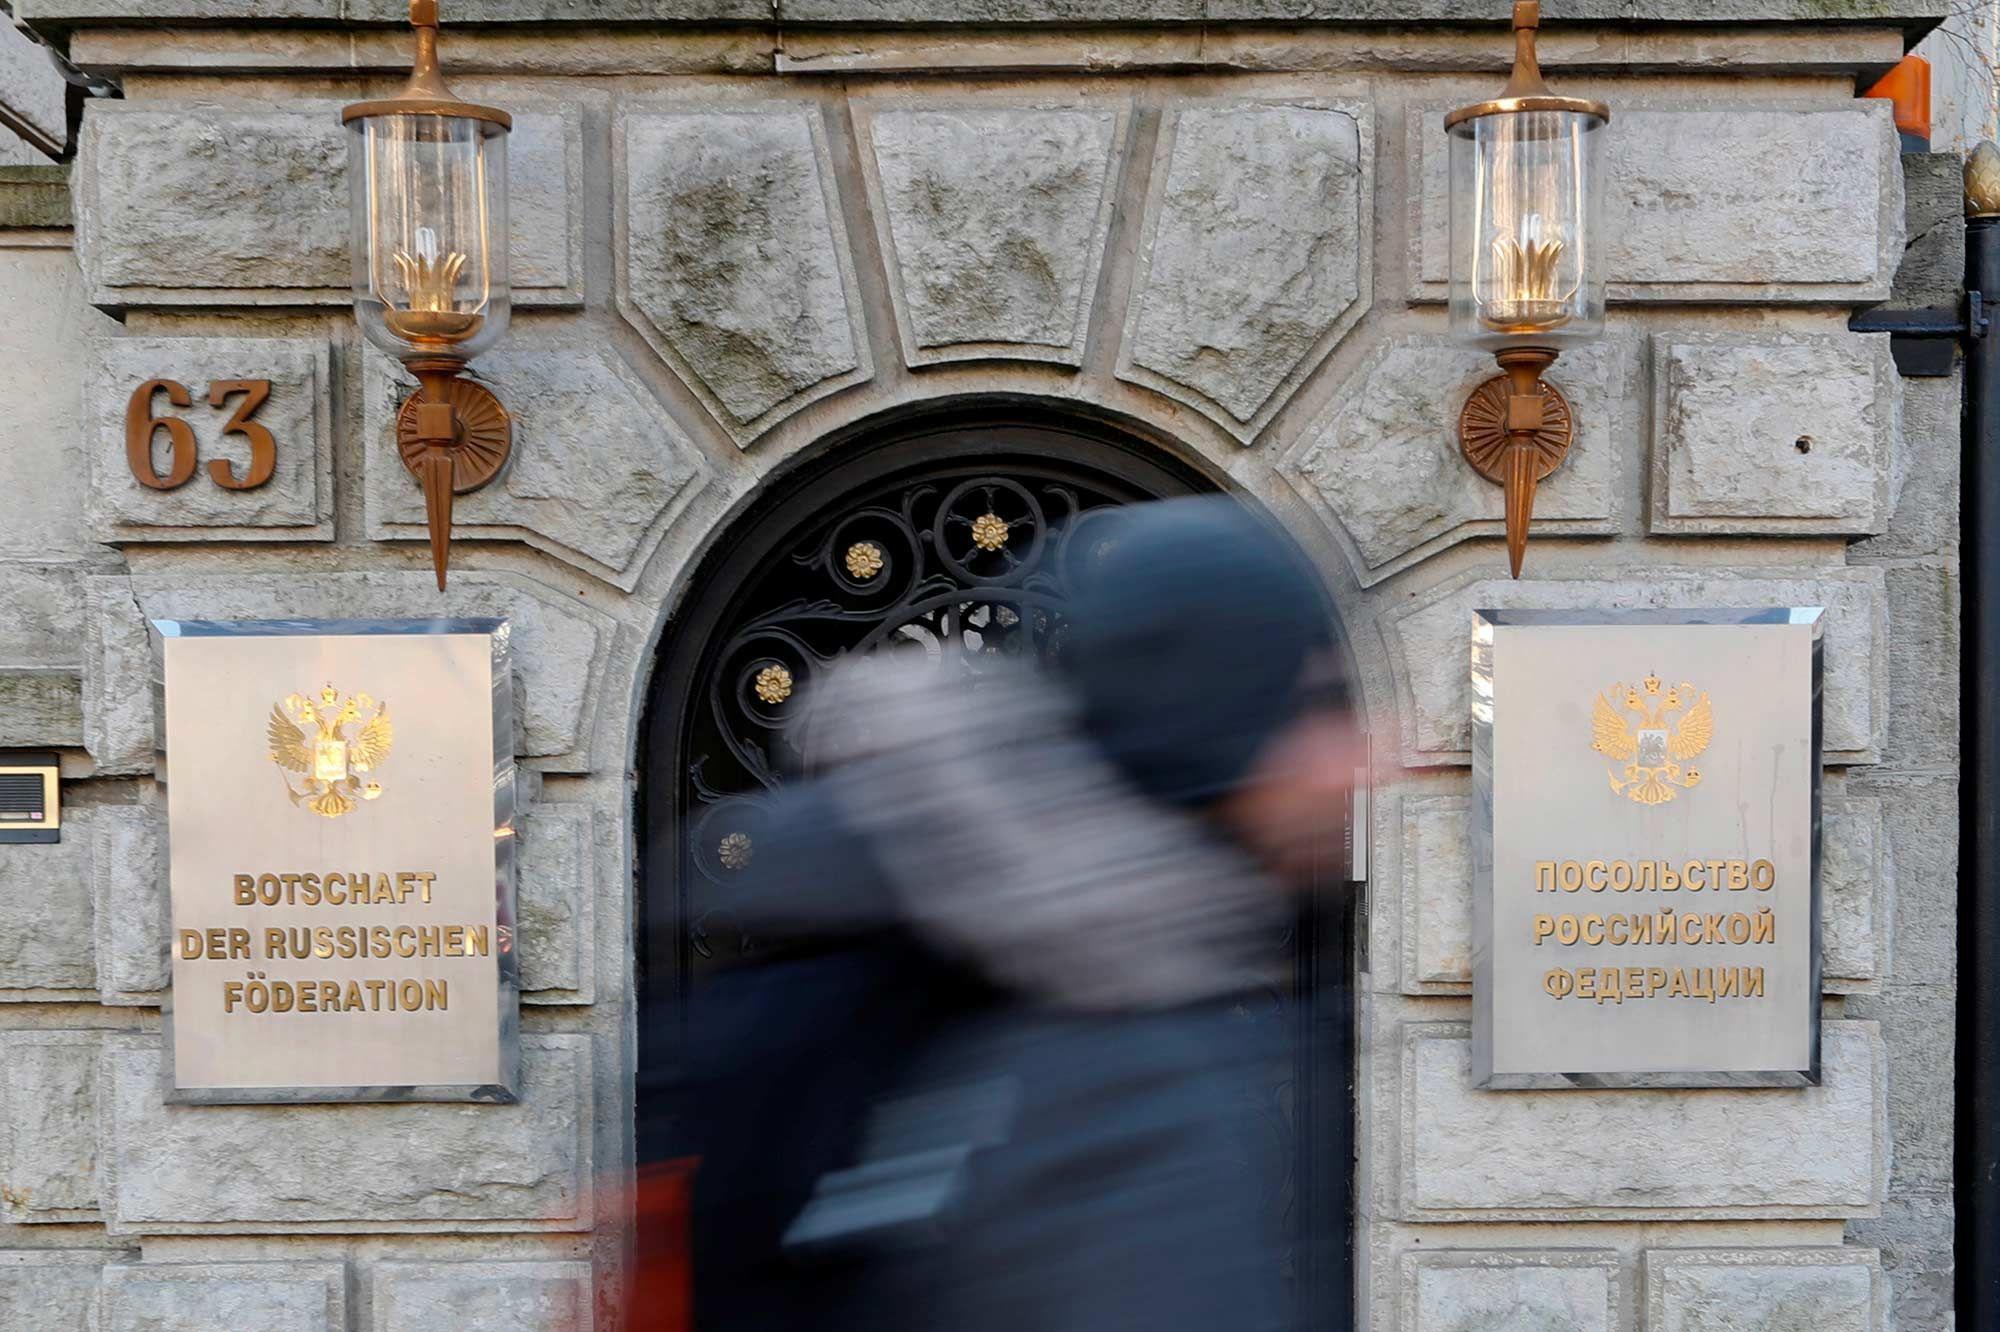 Meurtre à Berlin : la Russie réplique à l'Allemagne et expulse deux diplomates